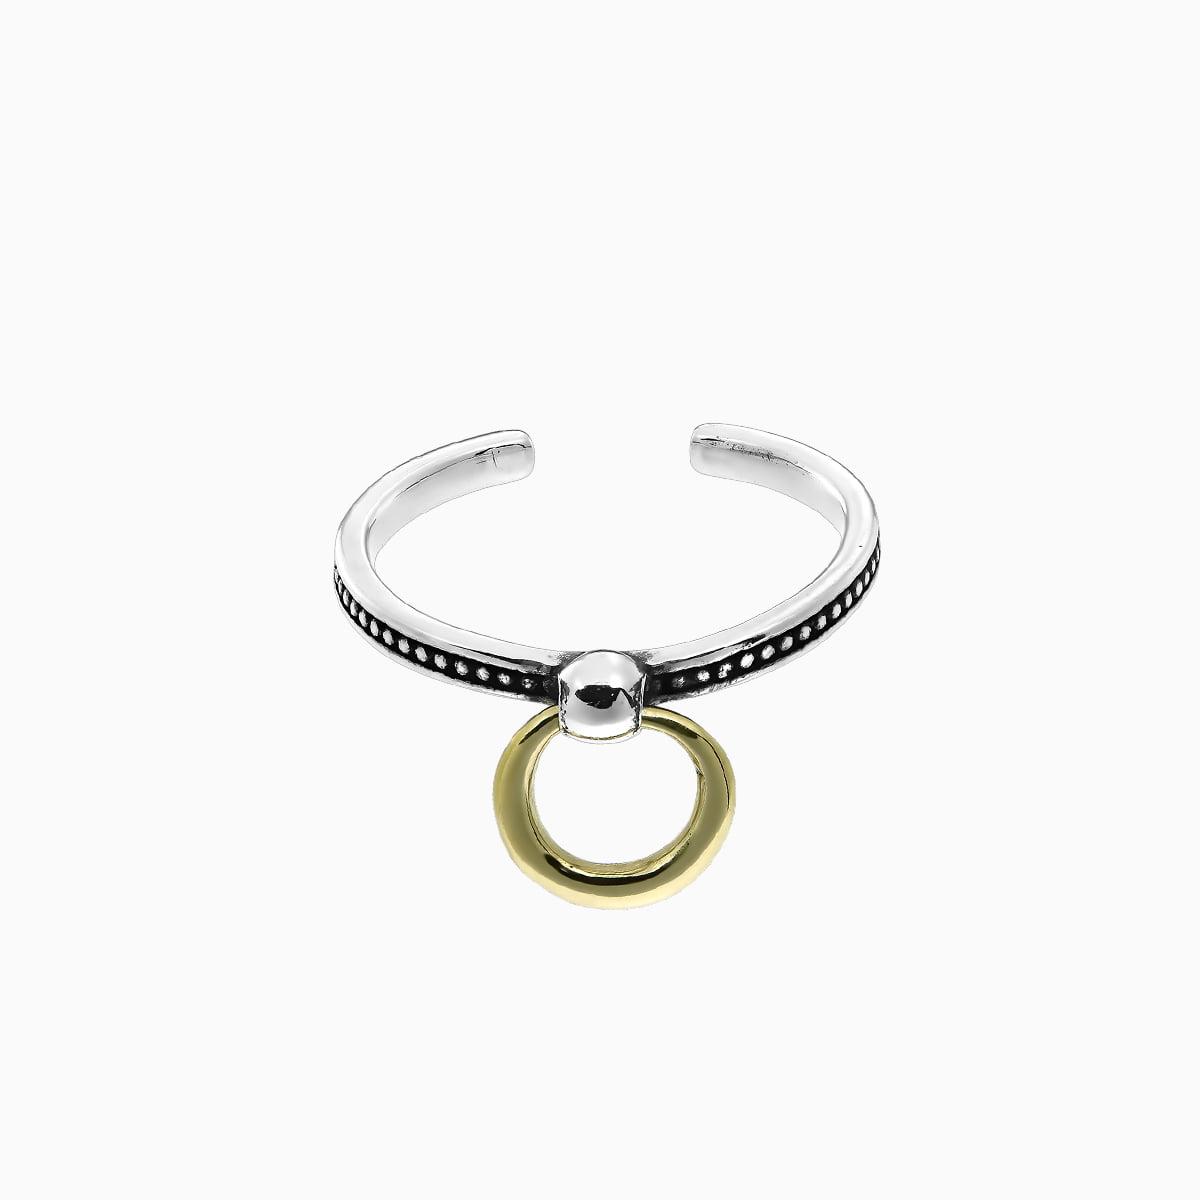 Inel din argint Manissi Gold Pendant